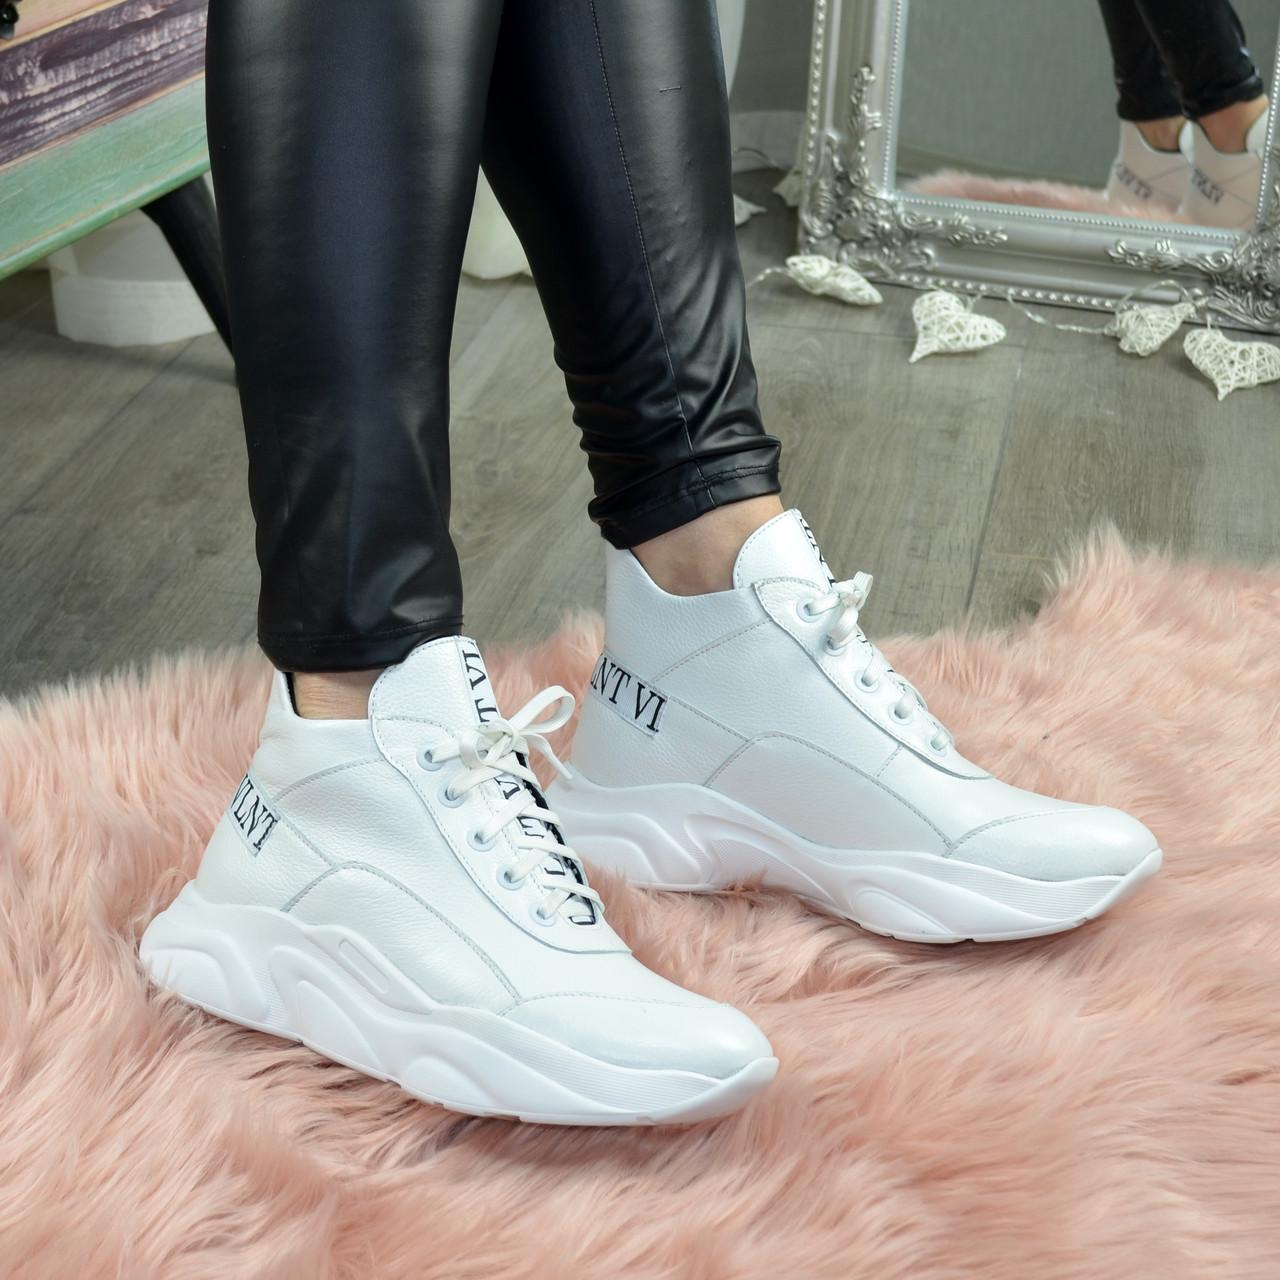 Черевики жіночі шкіряні туфлі на шнурках, колір білий